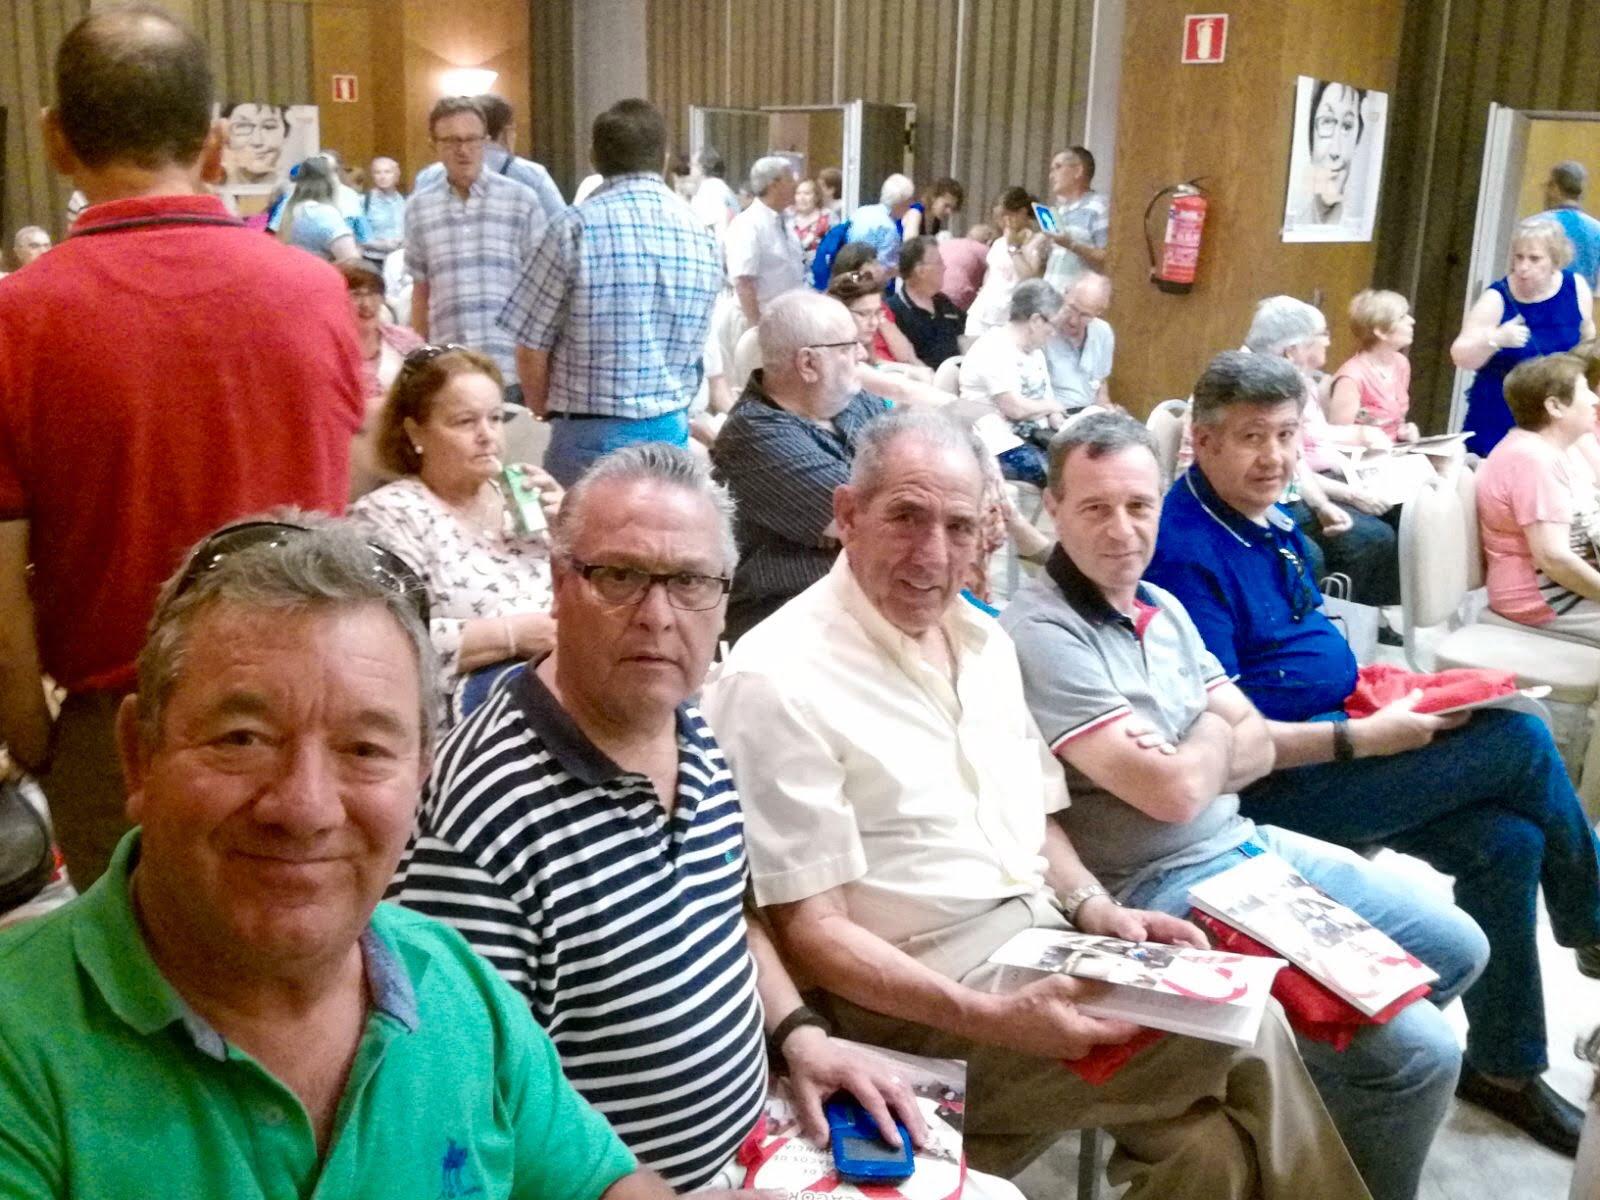 Representación de la asociación onubense en el encuentro de Córdoba.